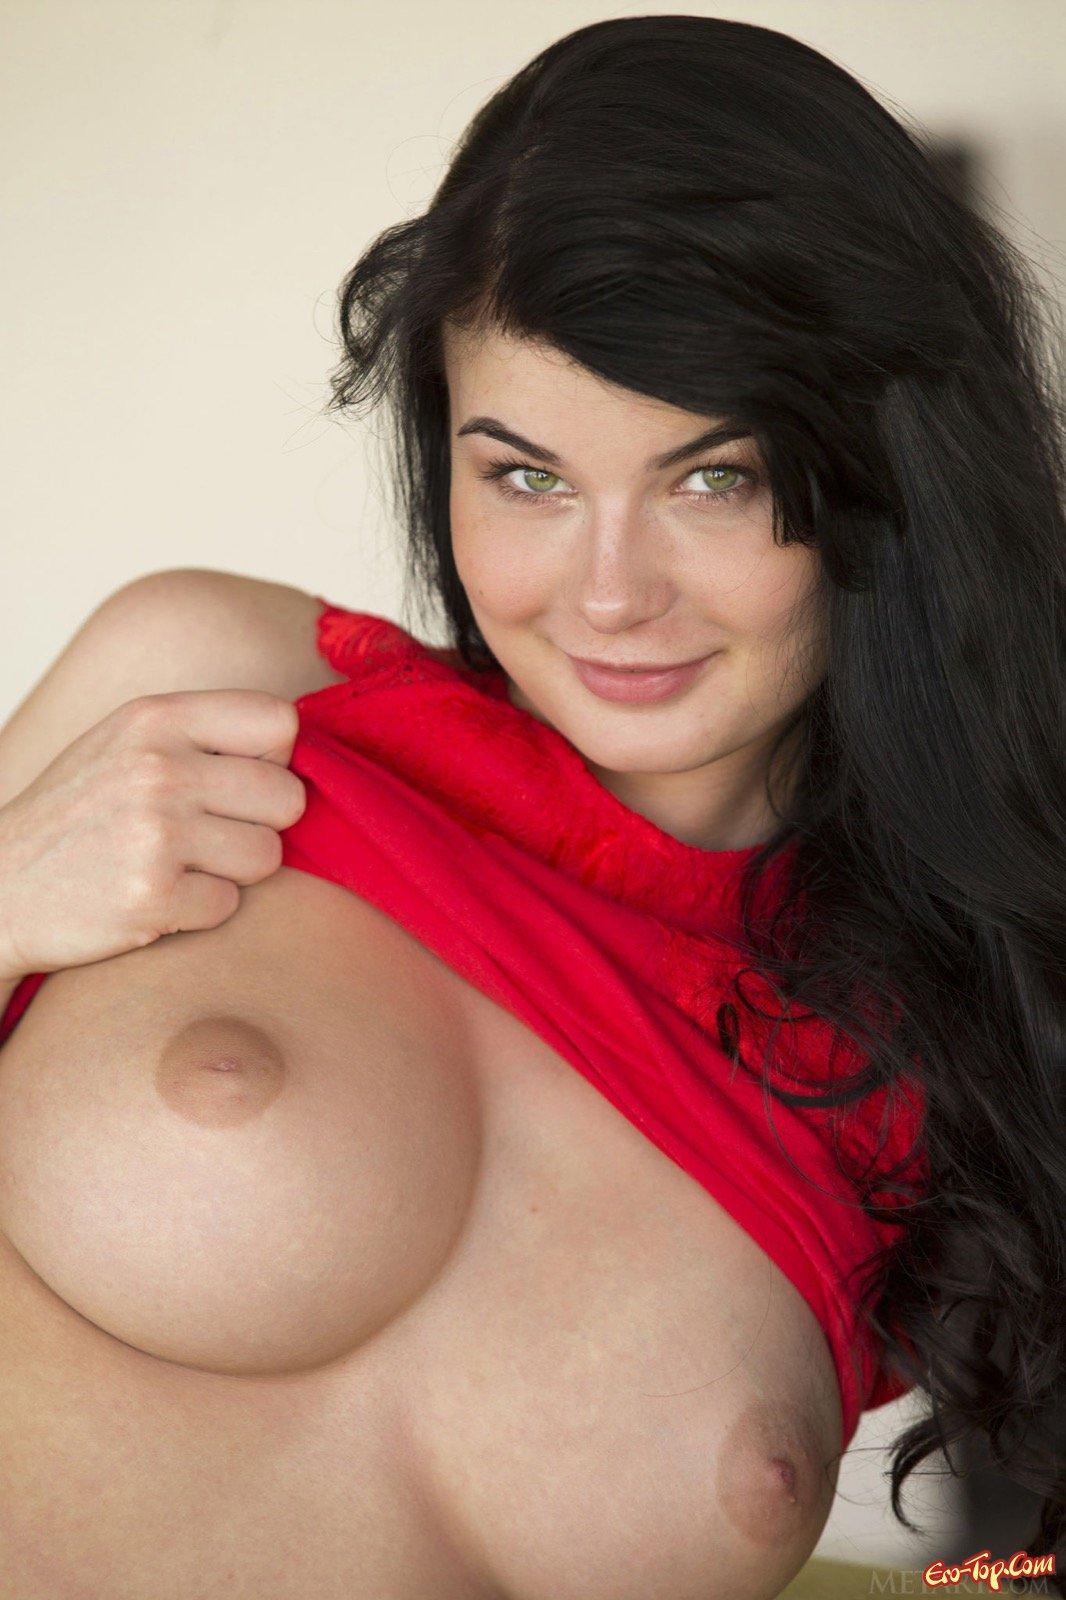 Брюнетка с огромными грудями скинула одежду на диванчике